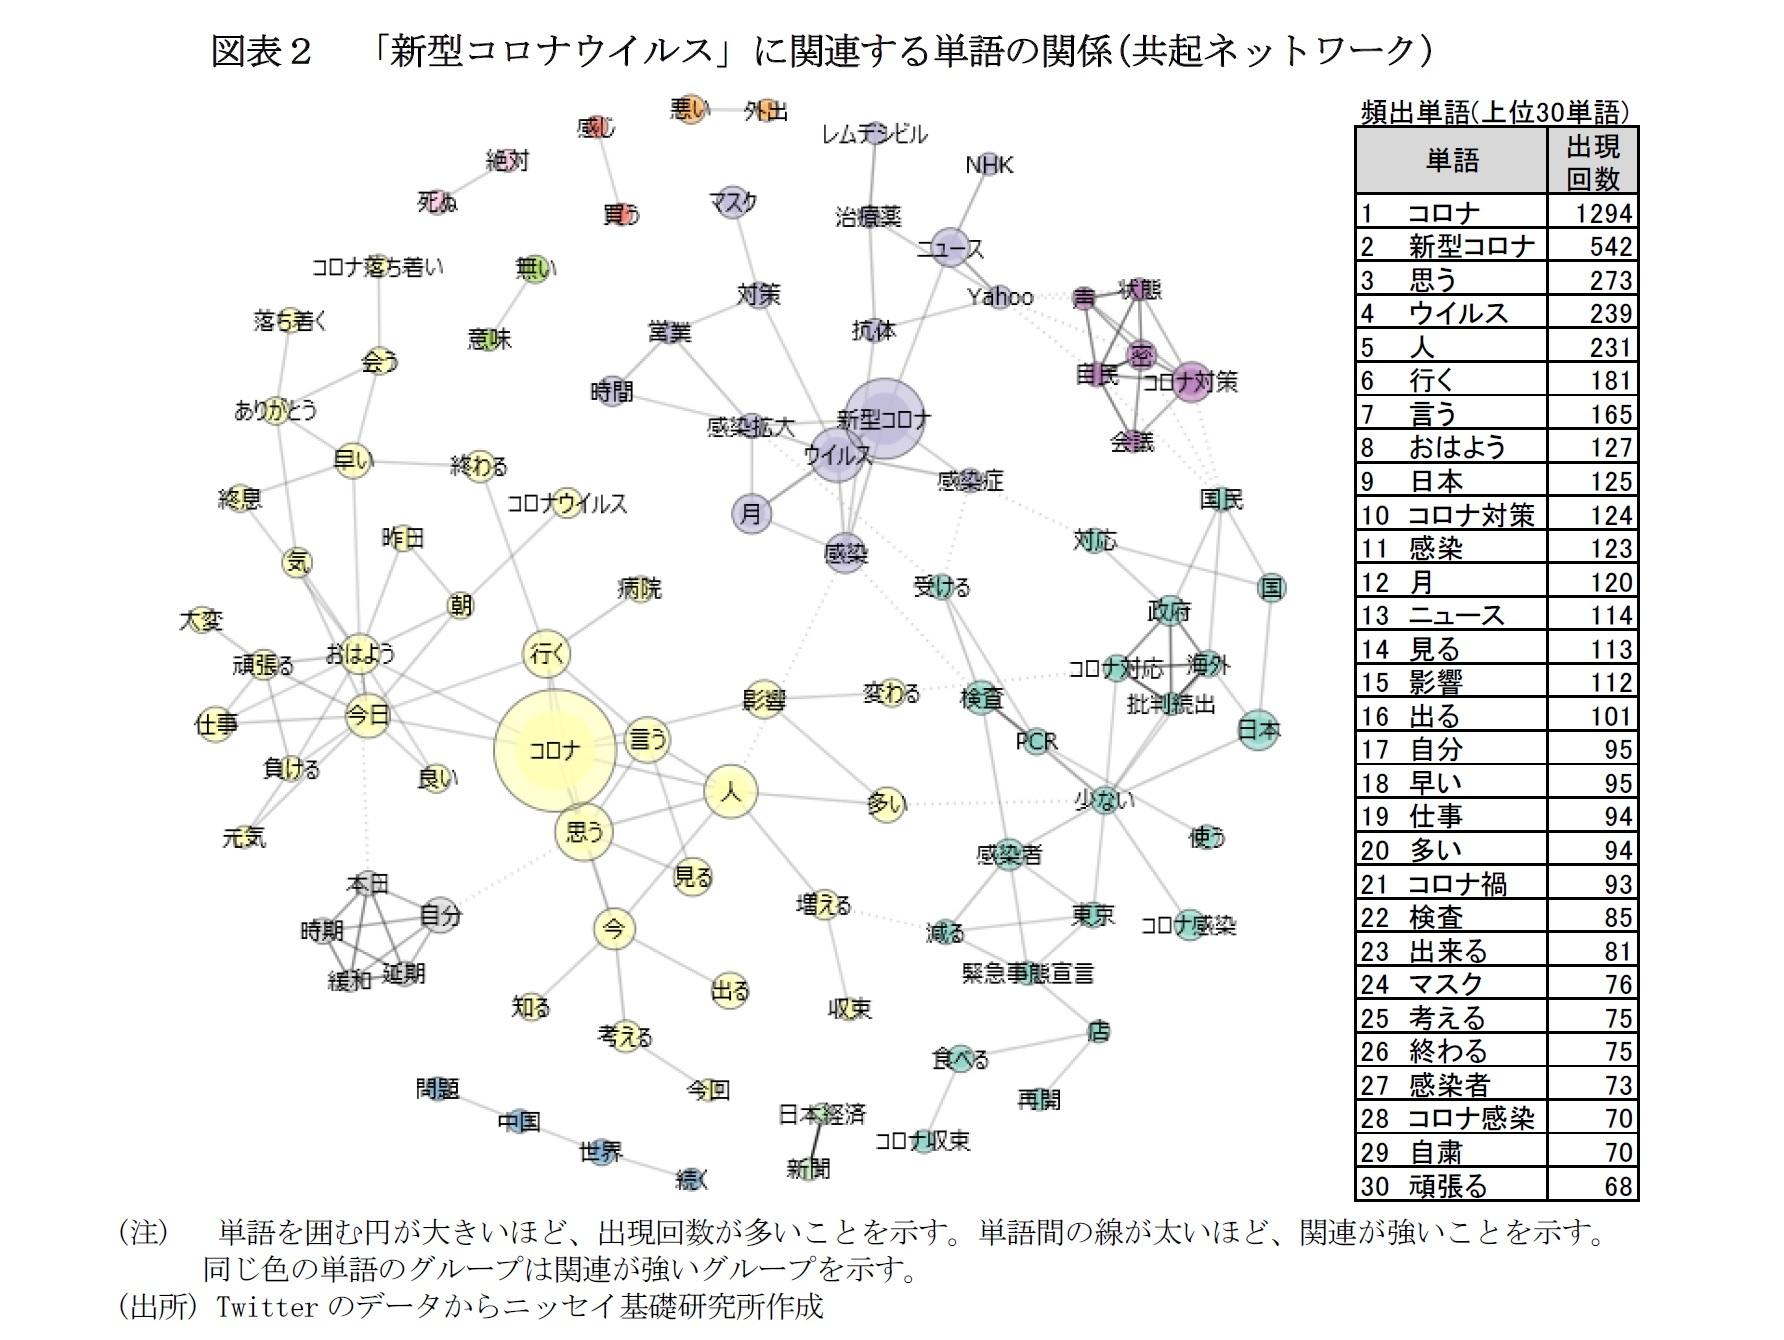 図表2 「新型コロナウイルス」に関連する単語の関係(共起ネットワーク)